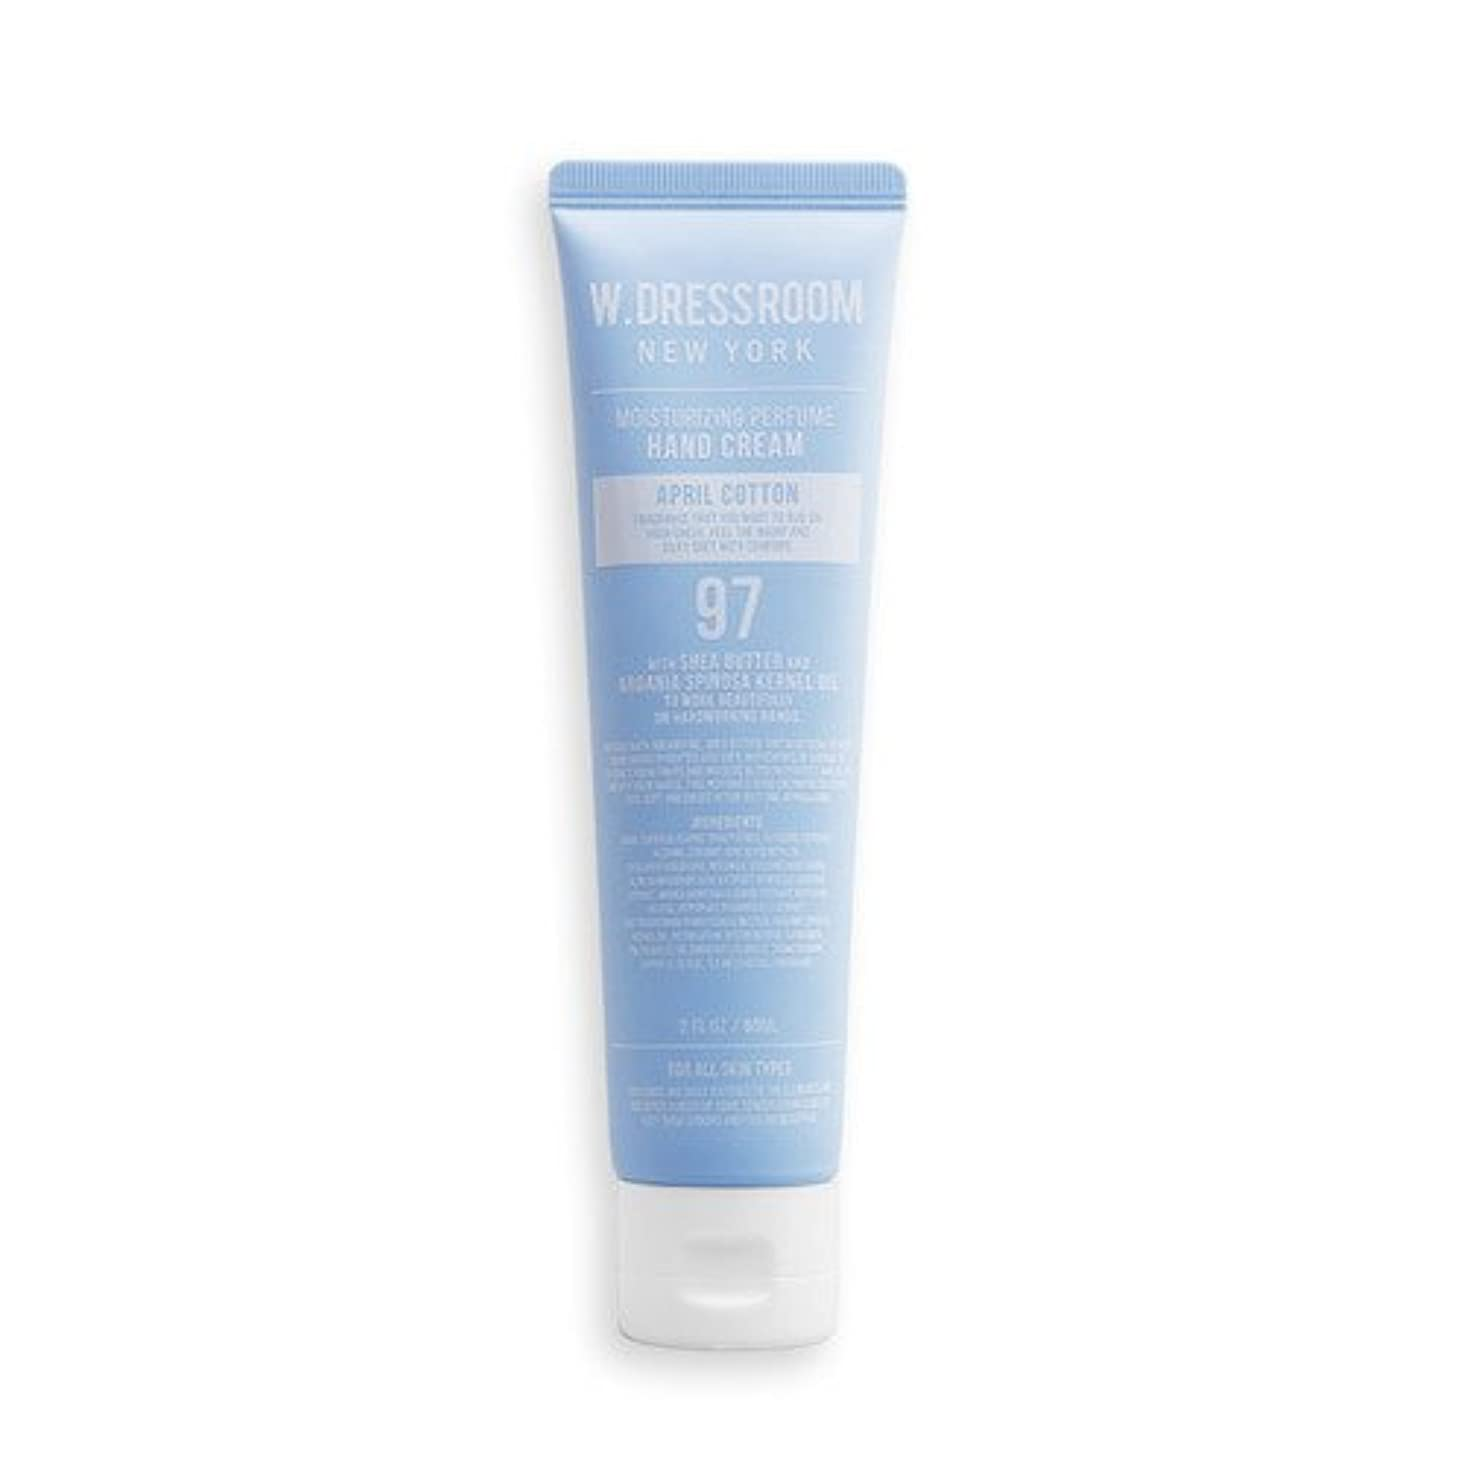 W.DRESSROOM Moisturizing Perfume Hand Cream 60ml/ダブルドレスルーム モイスチャライジング パフューム ハンドクリーム 60ml (#No.97 April Cotton)...